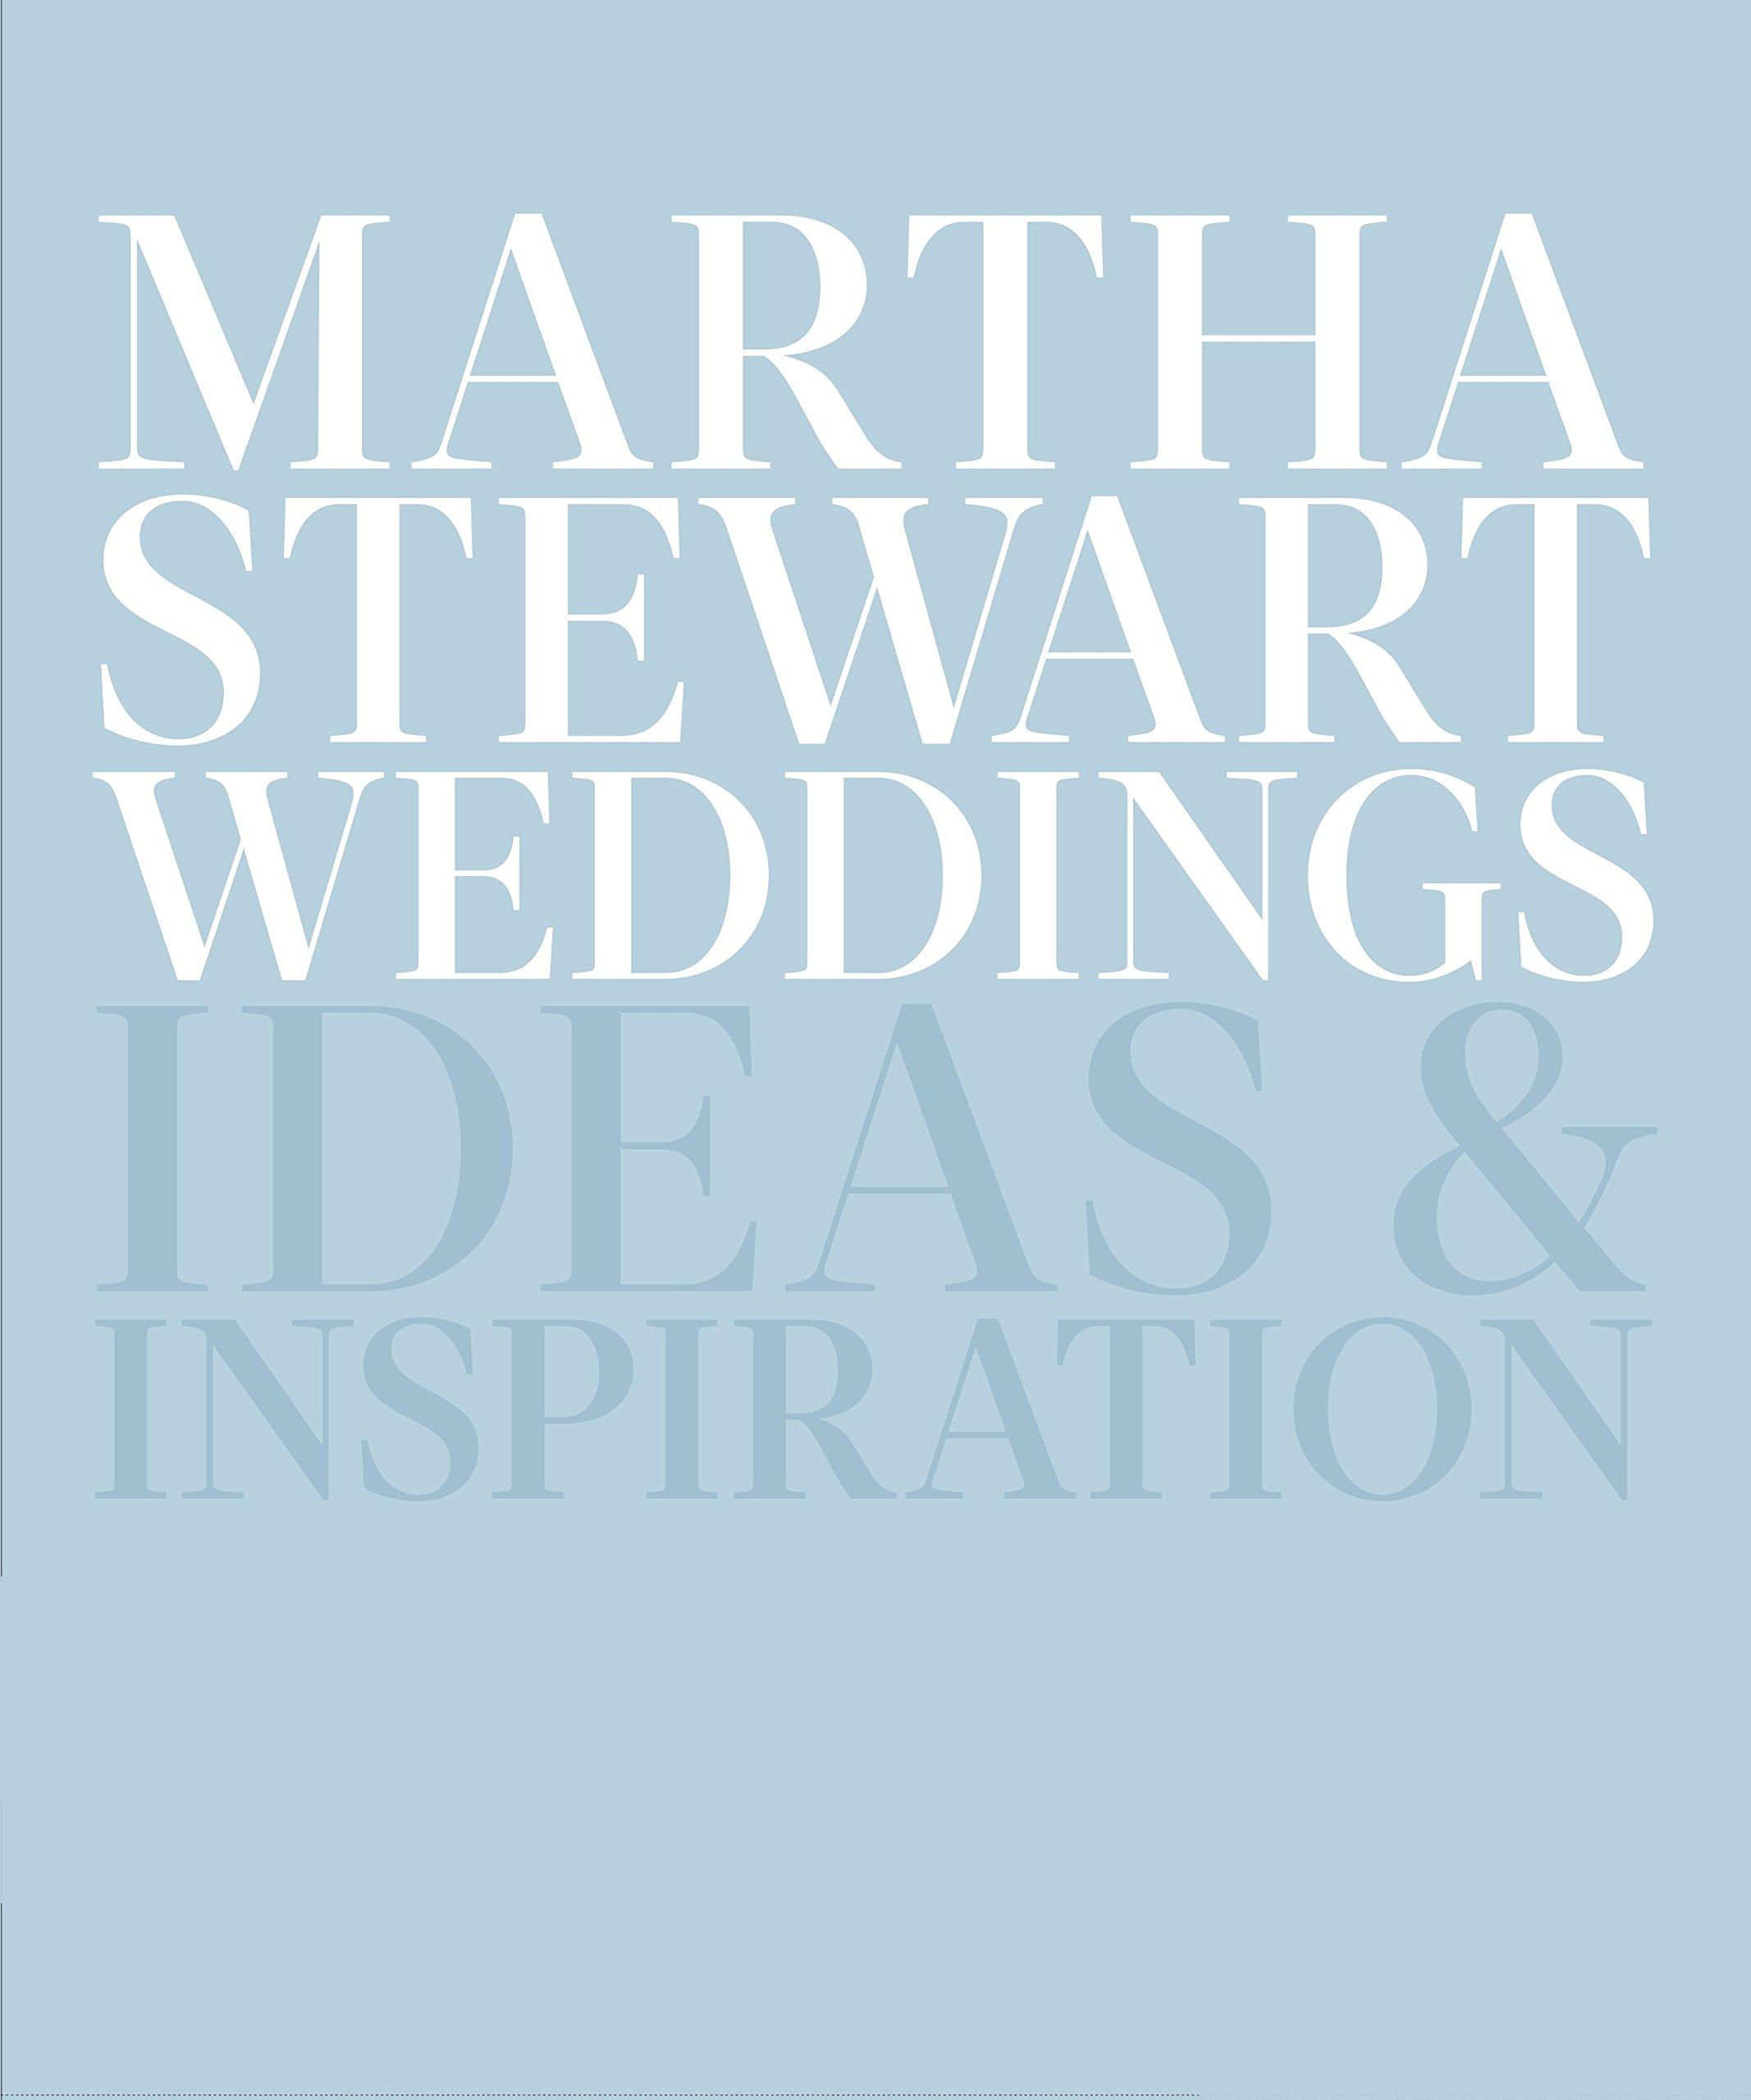 www.marthastewartweddings.com